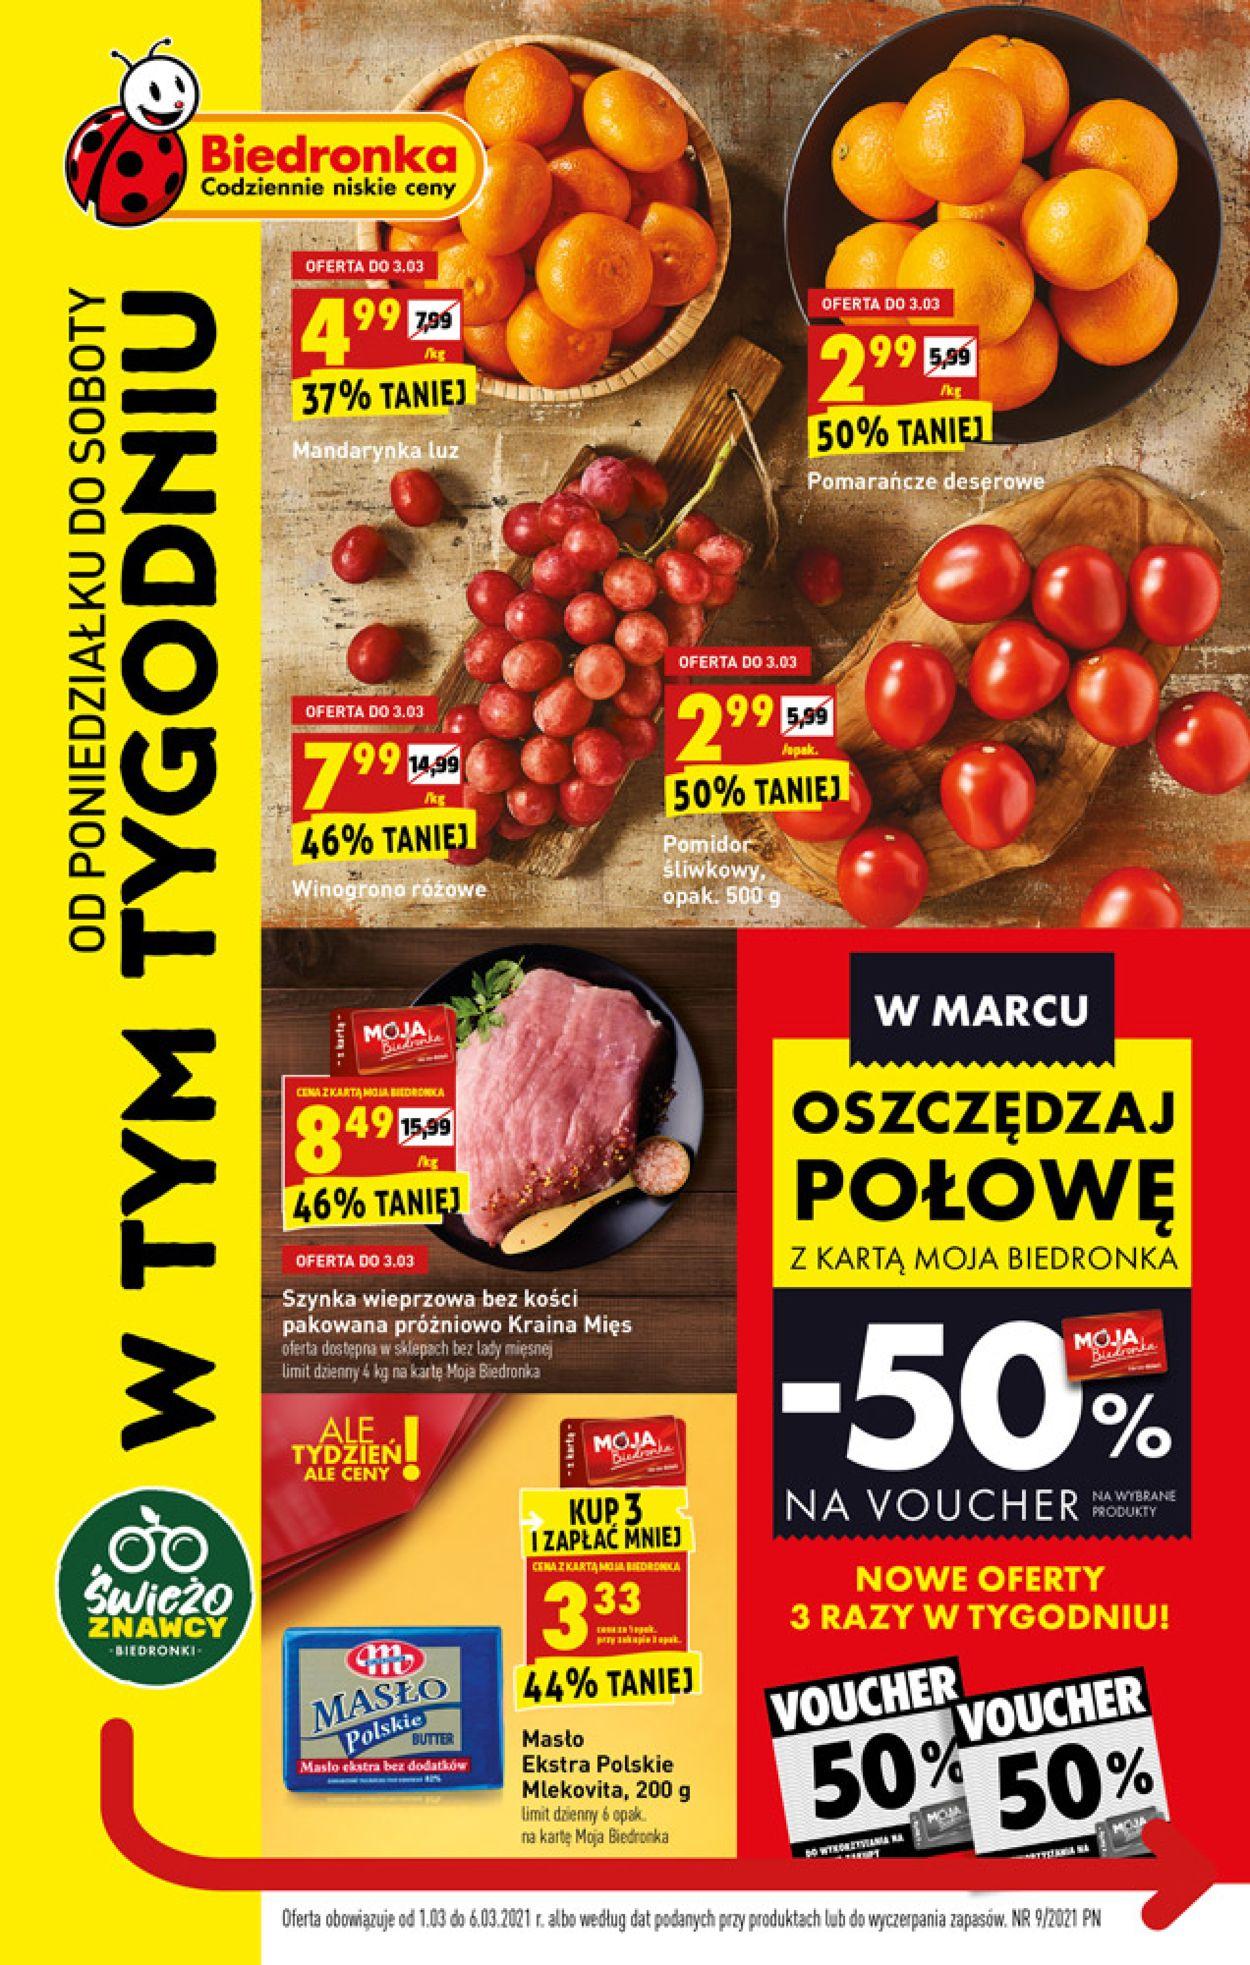 Gazetka promocyjna Biedronka - 01.03-06.03.2021